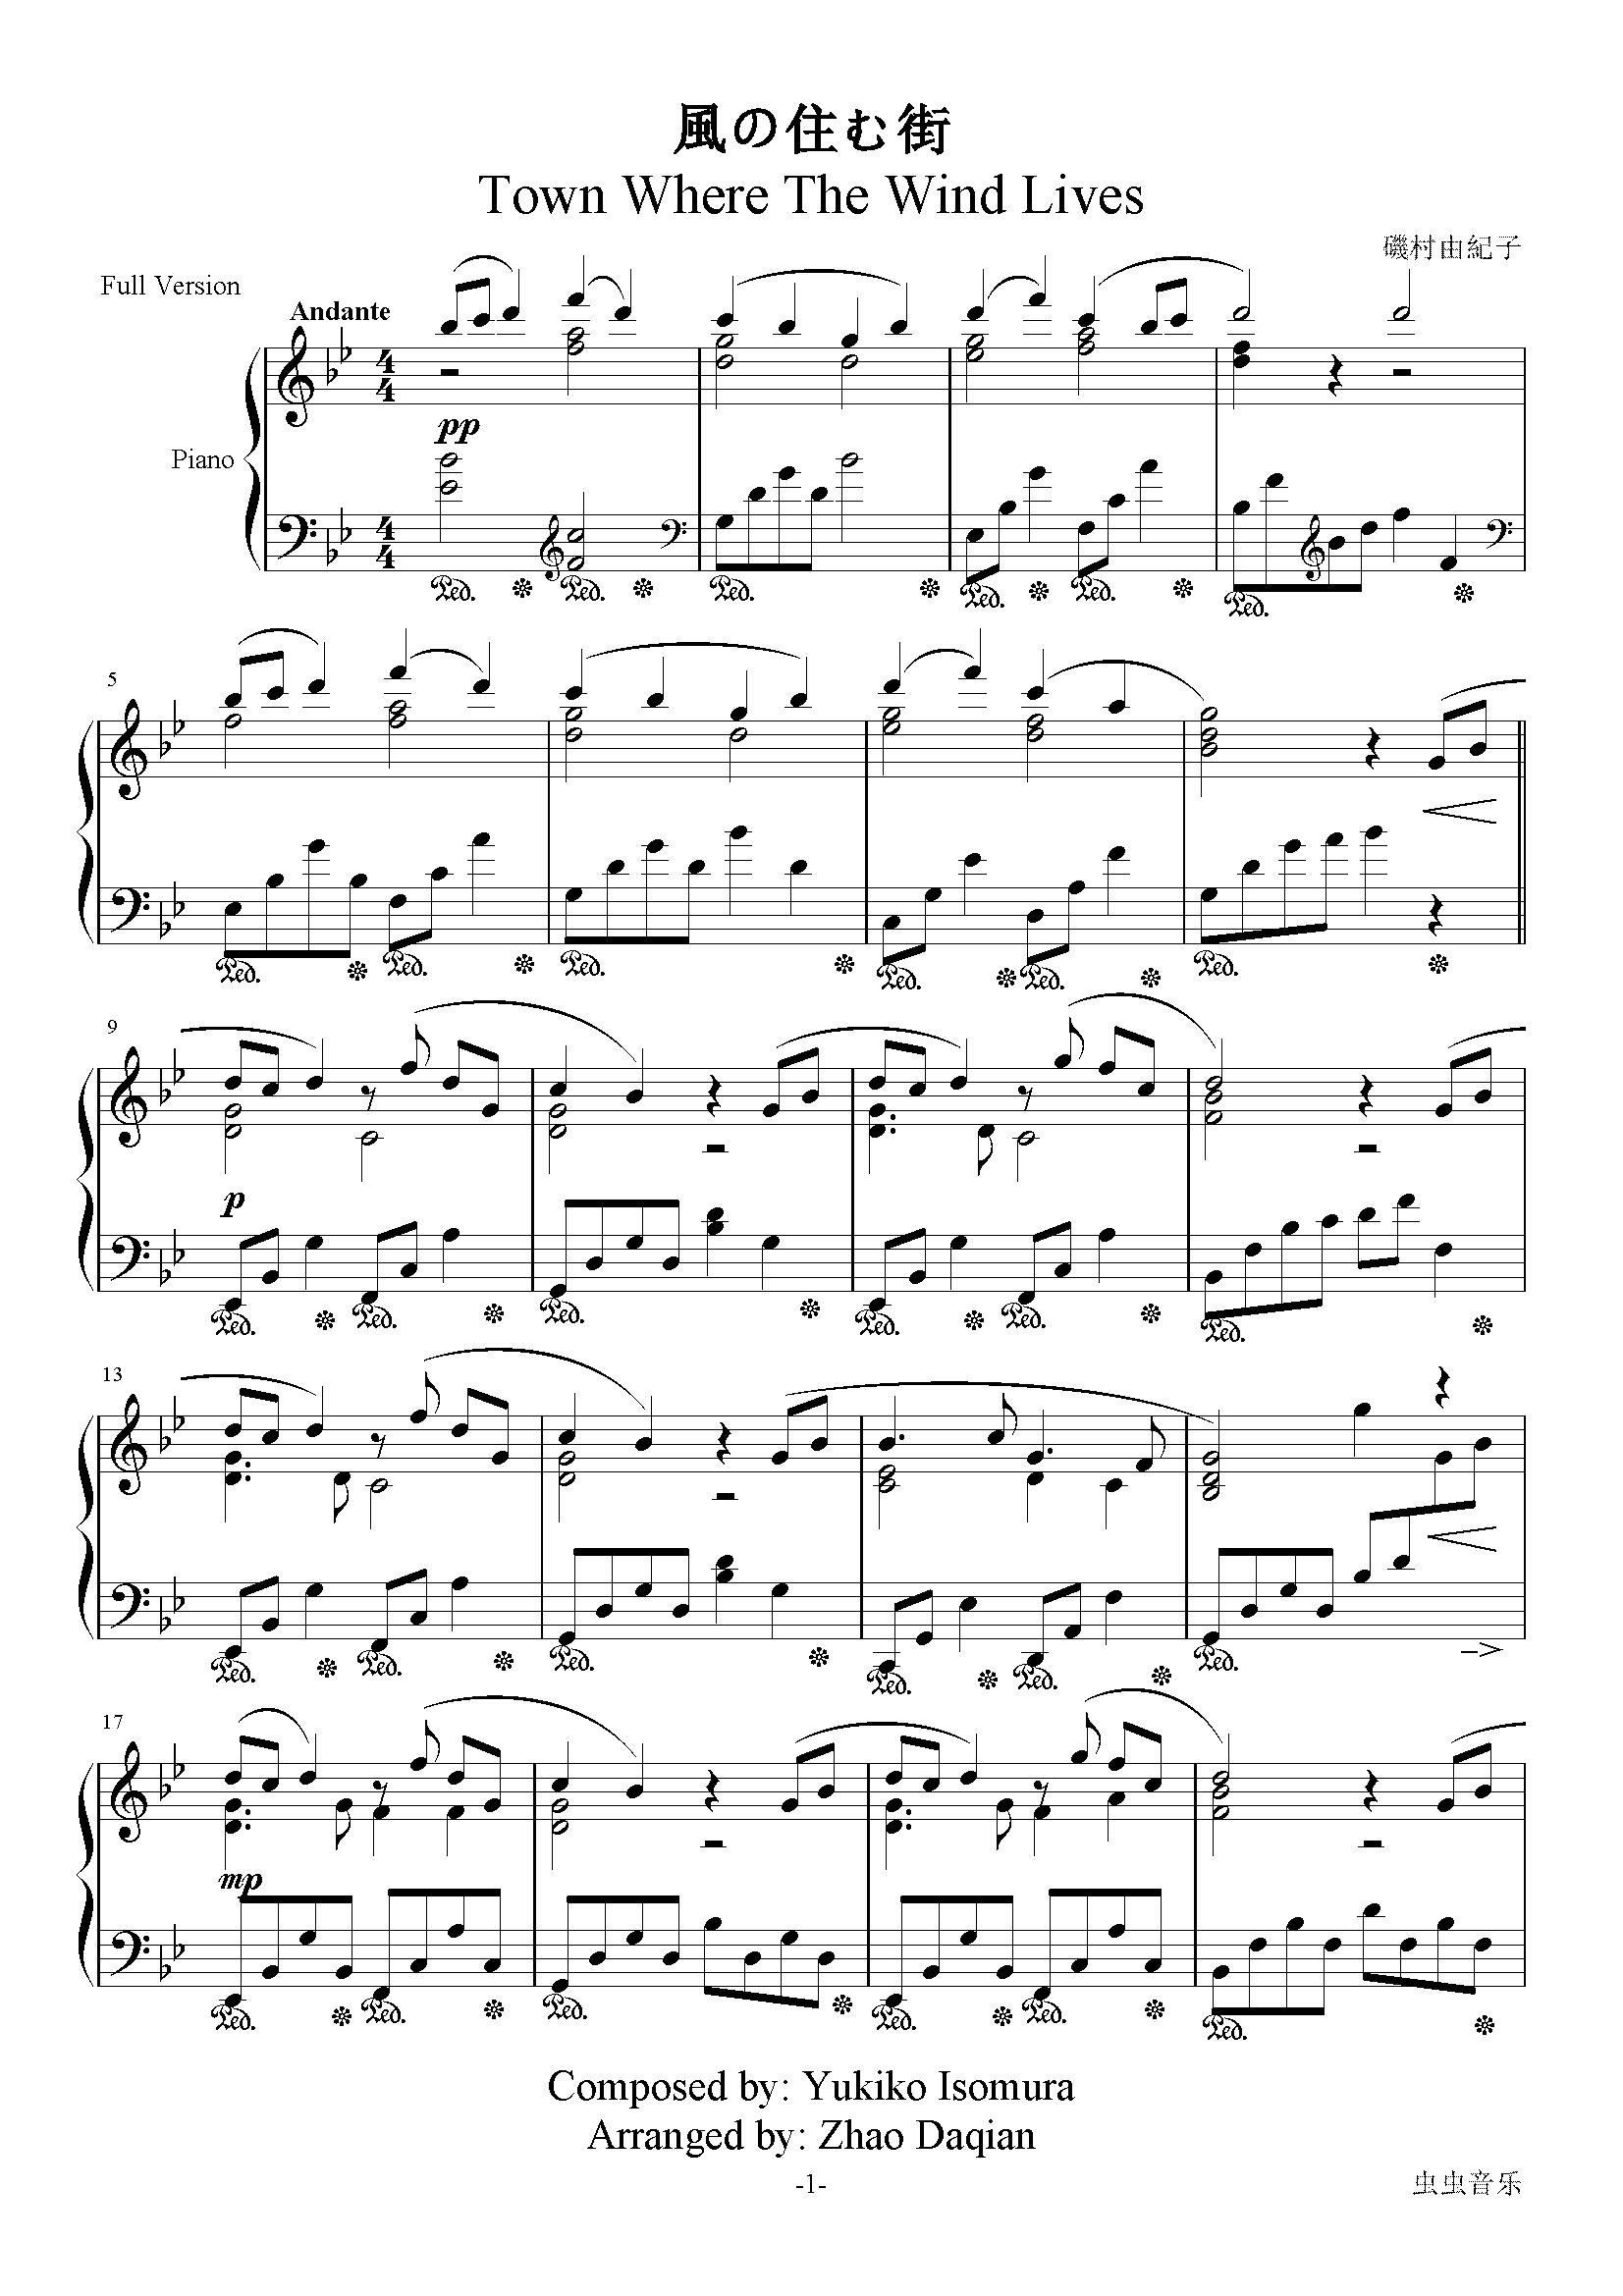 风居住的街道-完整版钢琴谱_